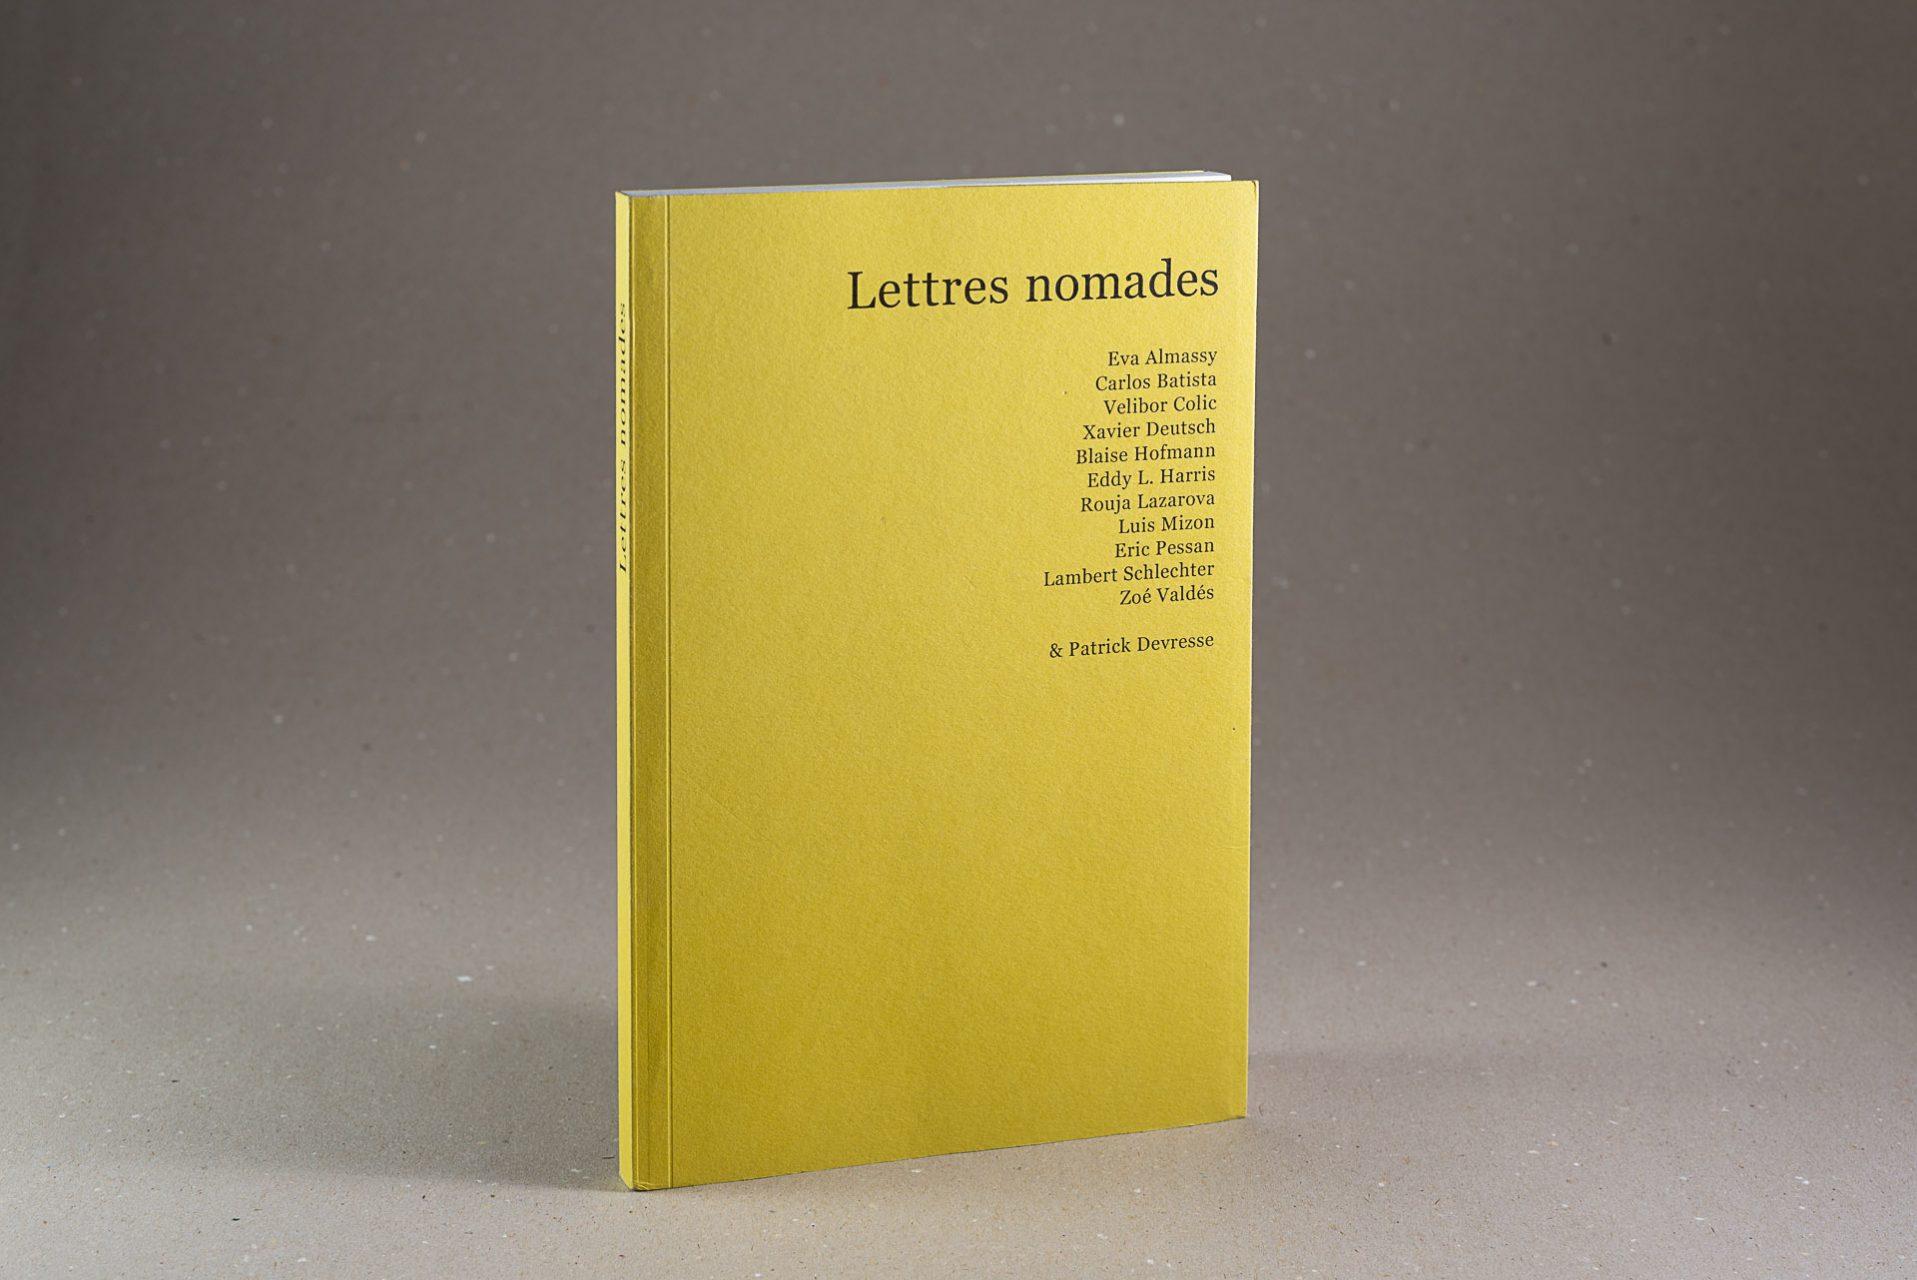 web-hd-nuit-myrtide-lettres-nomades-20170307-06